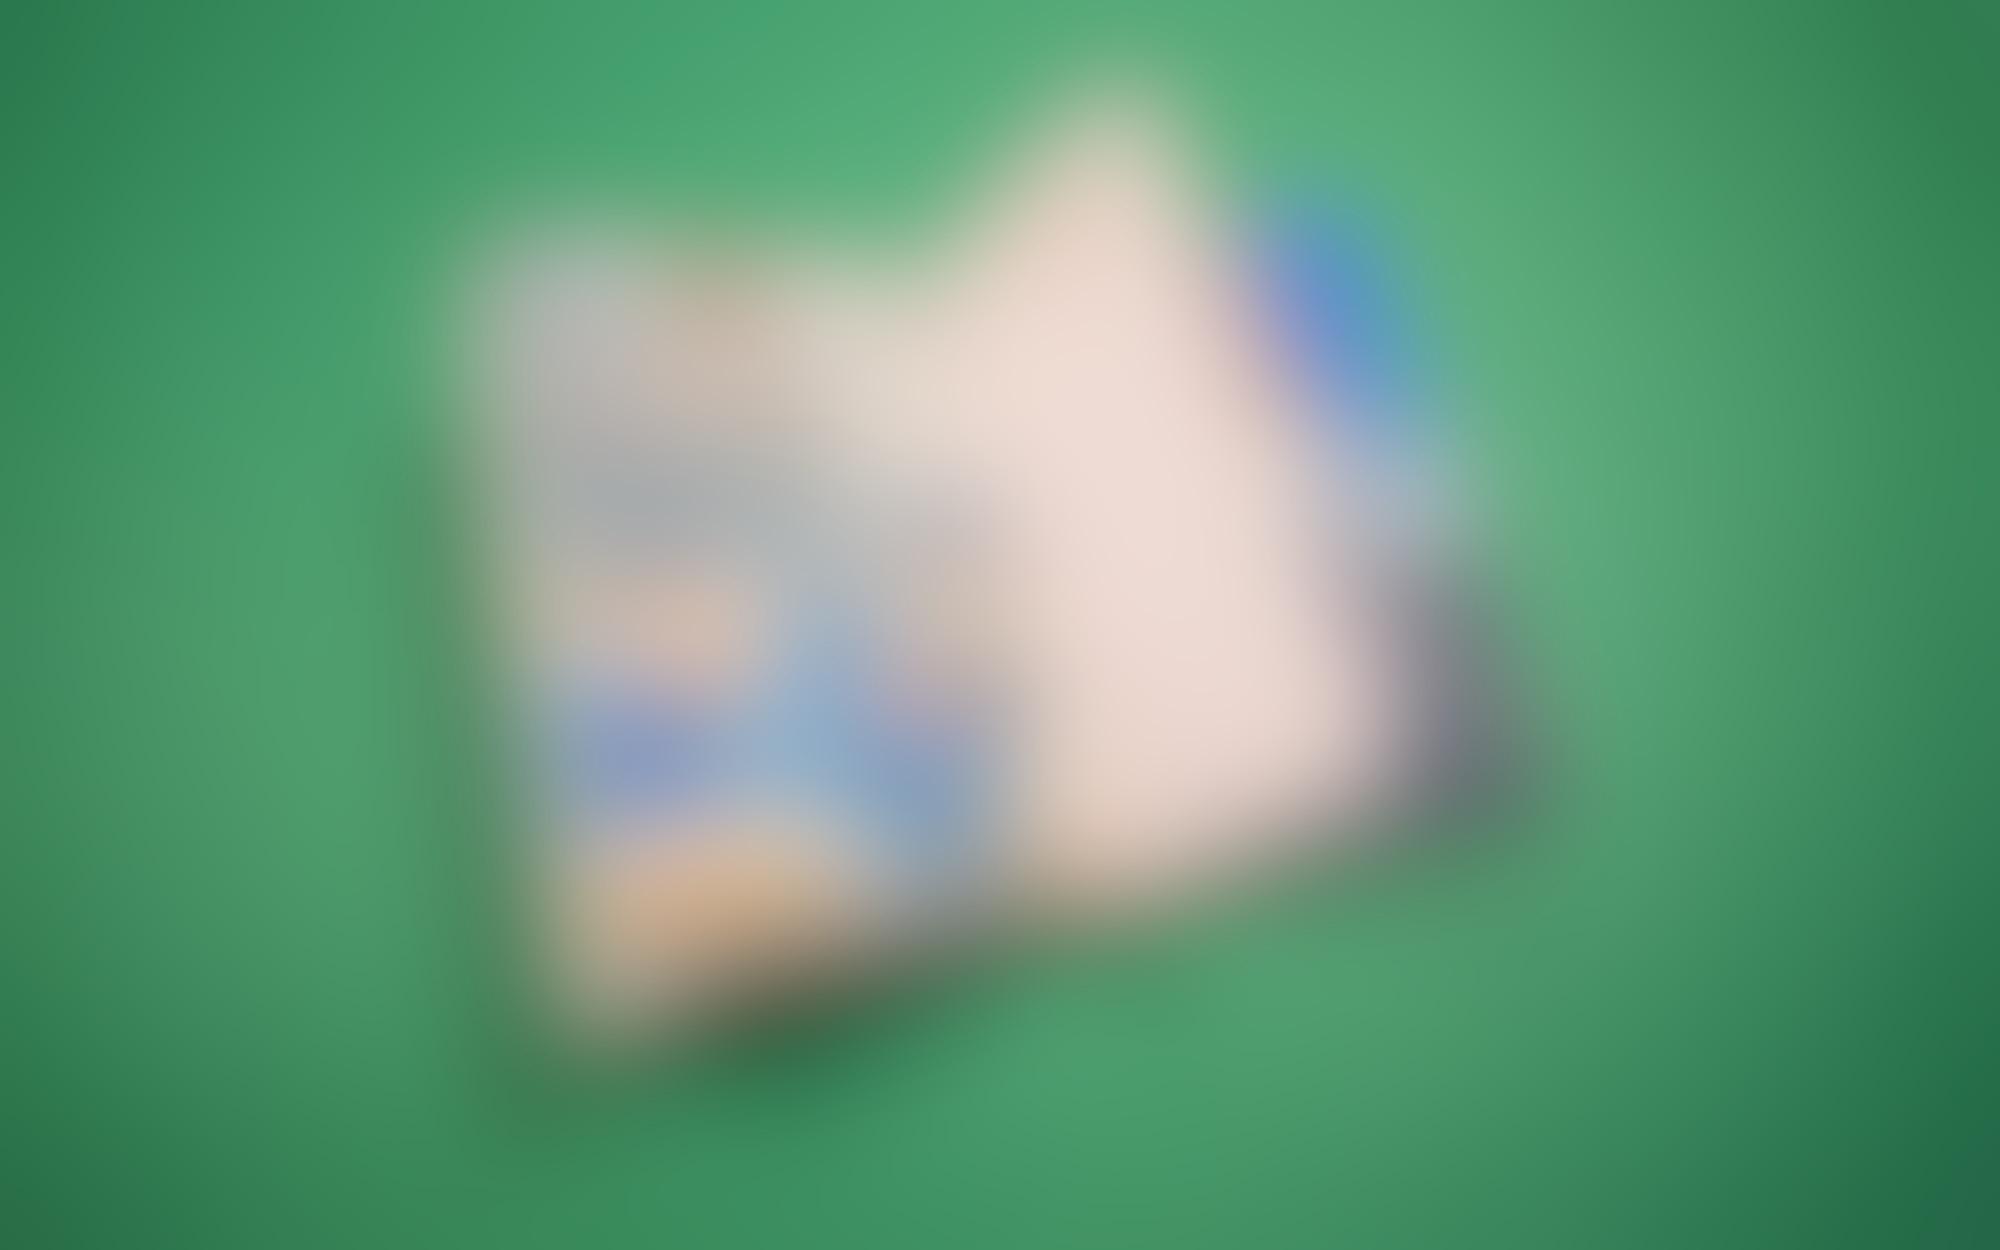 P1130835 autocompressfitresizeixlibphp 1 1 0max h2000max w3 D2000q80s656cc1a621bf05adfa4bea159a6b4870